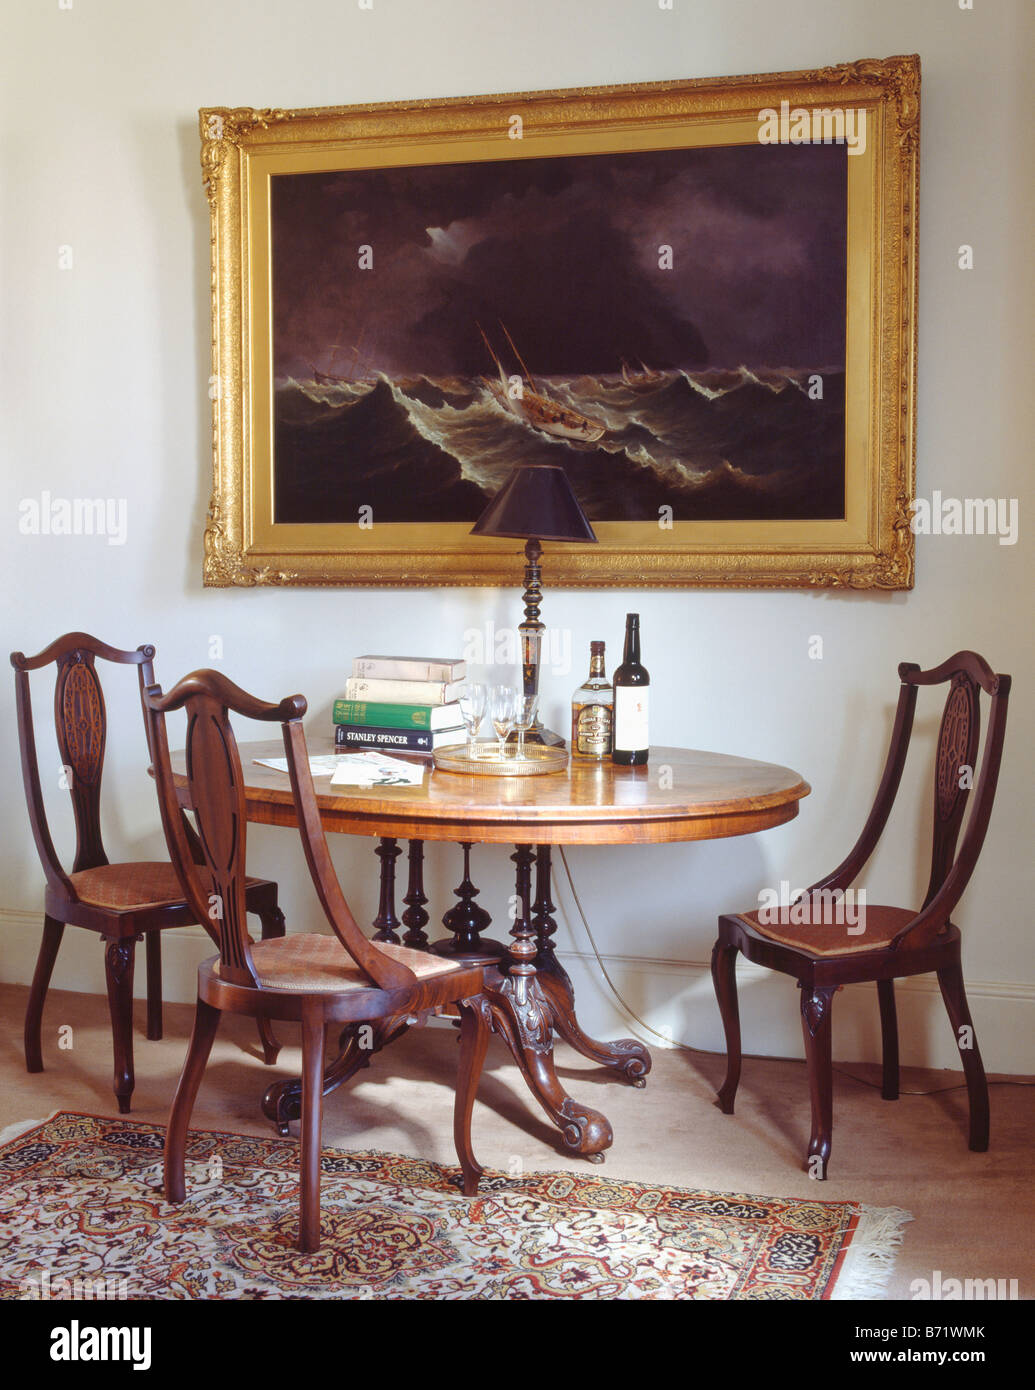 Photo Ci Dessus Au Cadre Dore Ovale Table Ancienne Avec Un